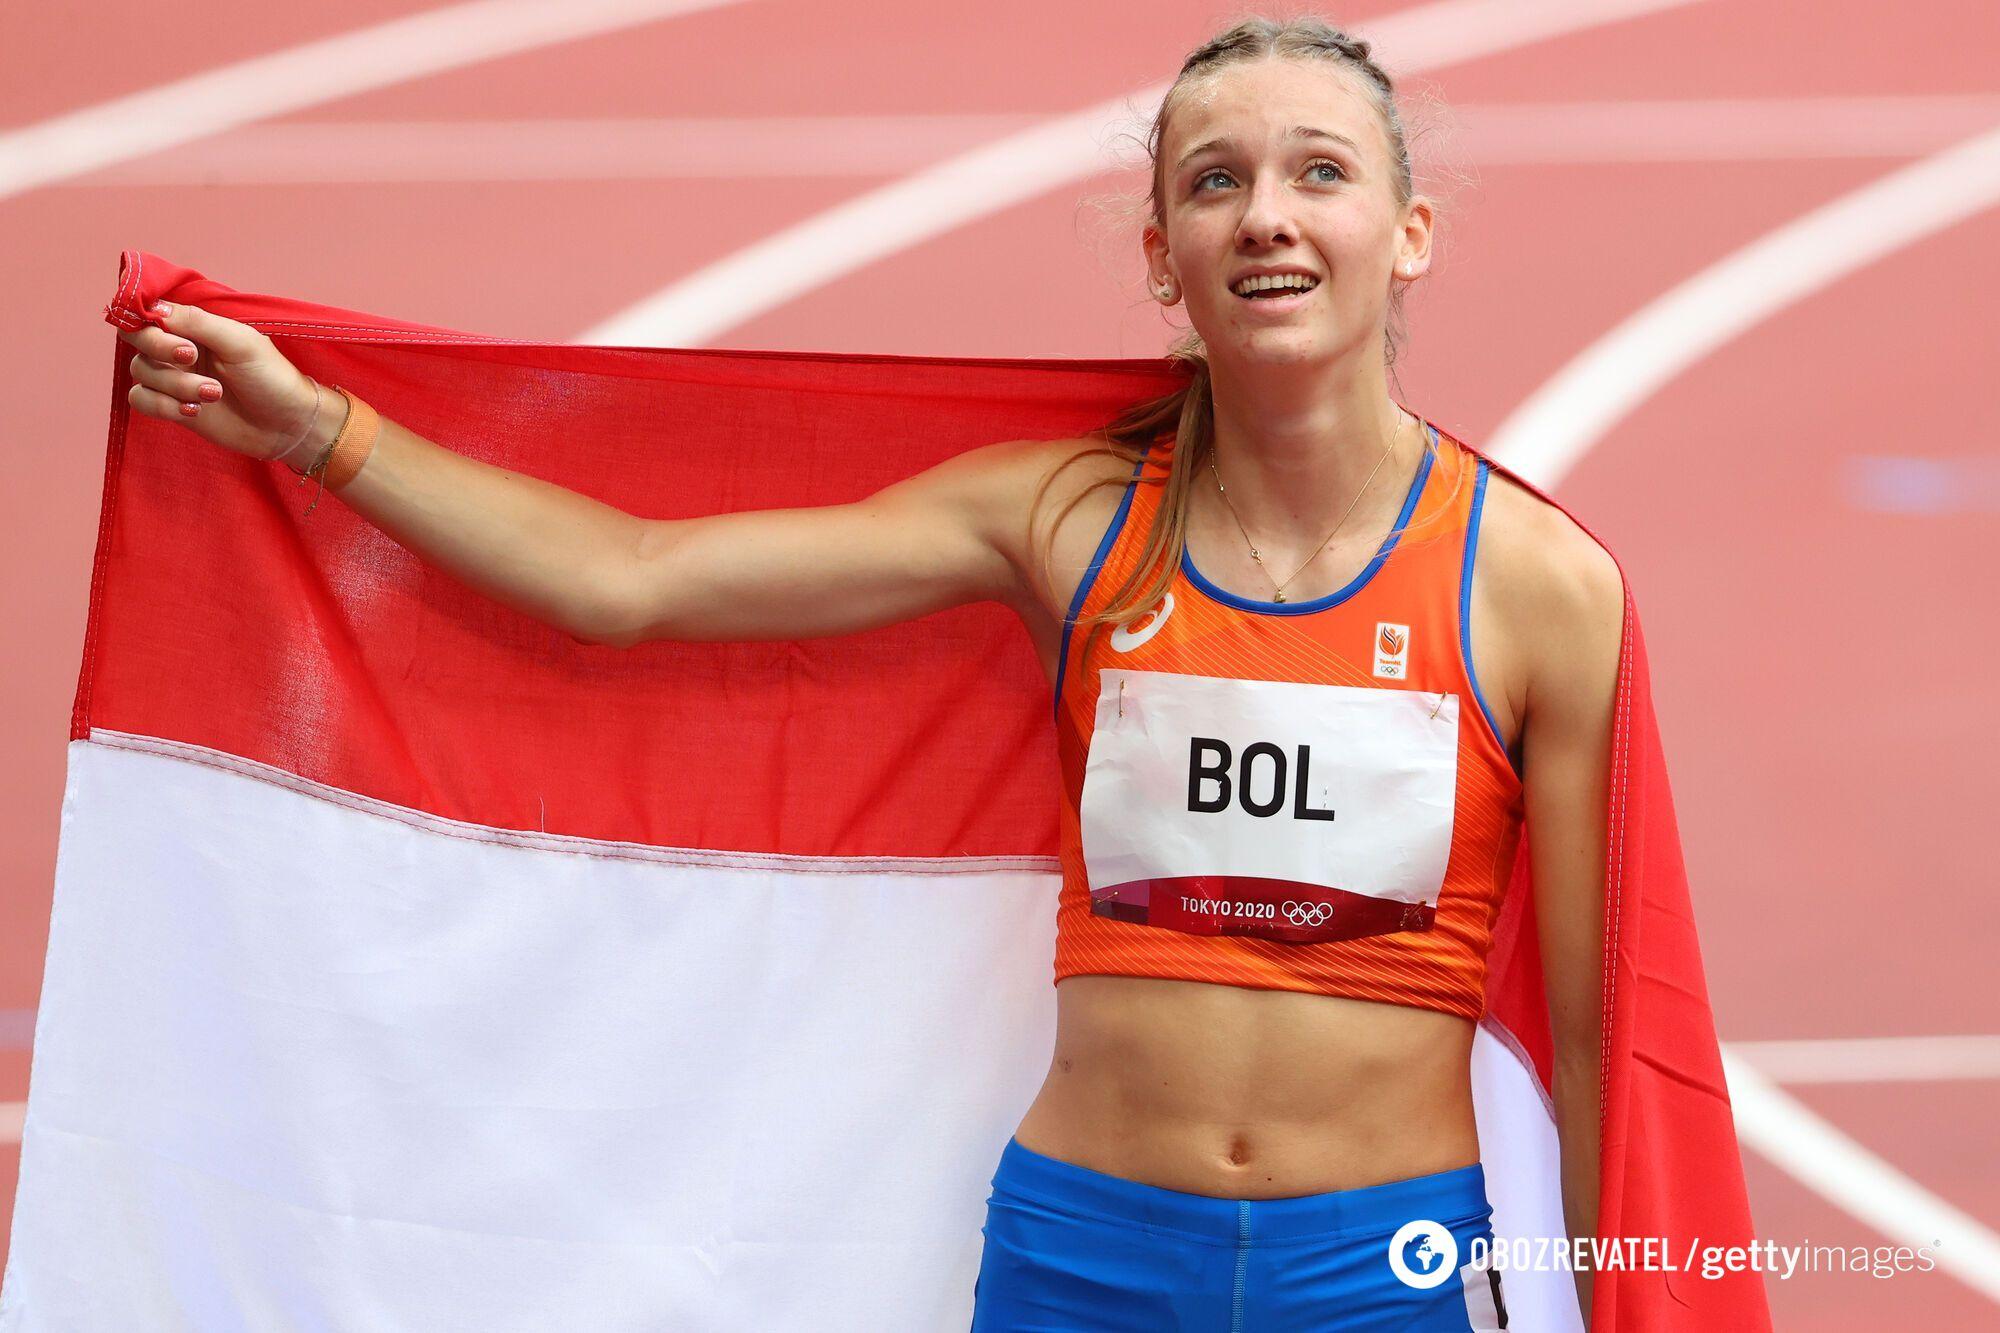 Фемке Бол финишировала третьей